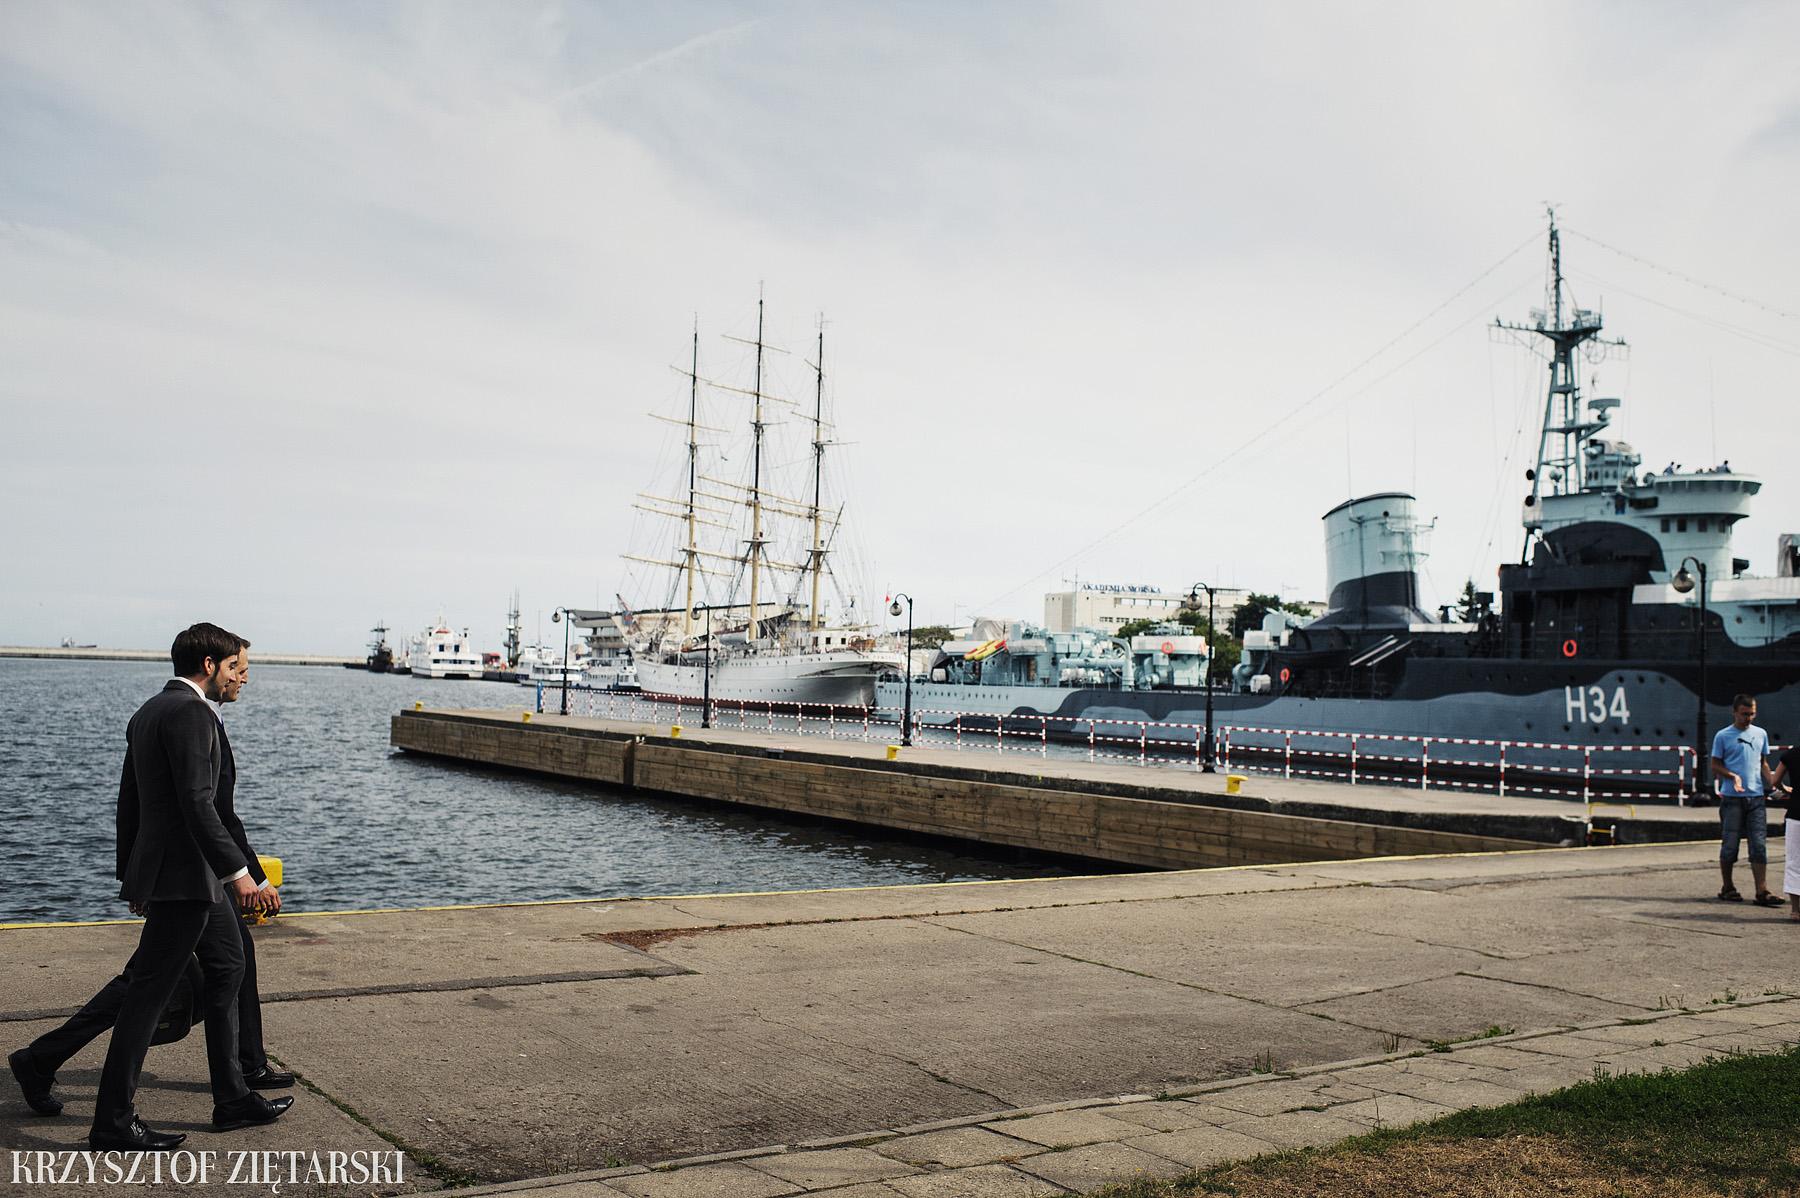 Gosia i Gabriele - Fotografia ślubna Gdynia - Dar Pomorza, Gościniec dla Przyjaciół Wyczechowo, Sea Towers - 12.